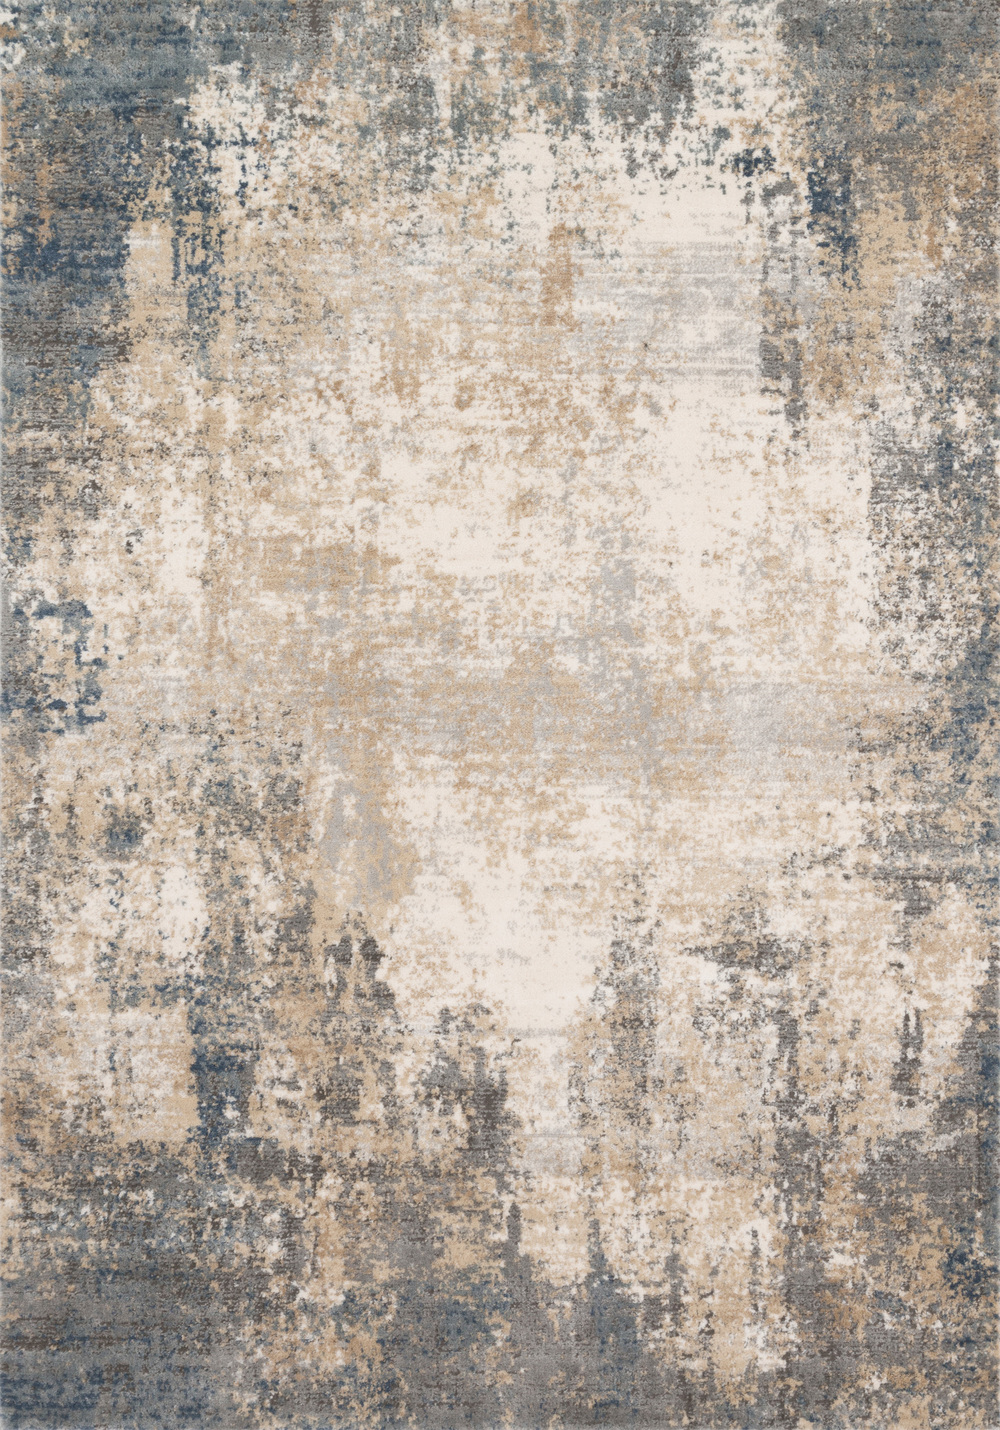 Loloi Rugs - Teagan Rug (Ivory/Mist)